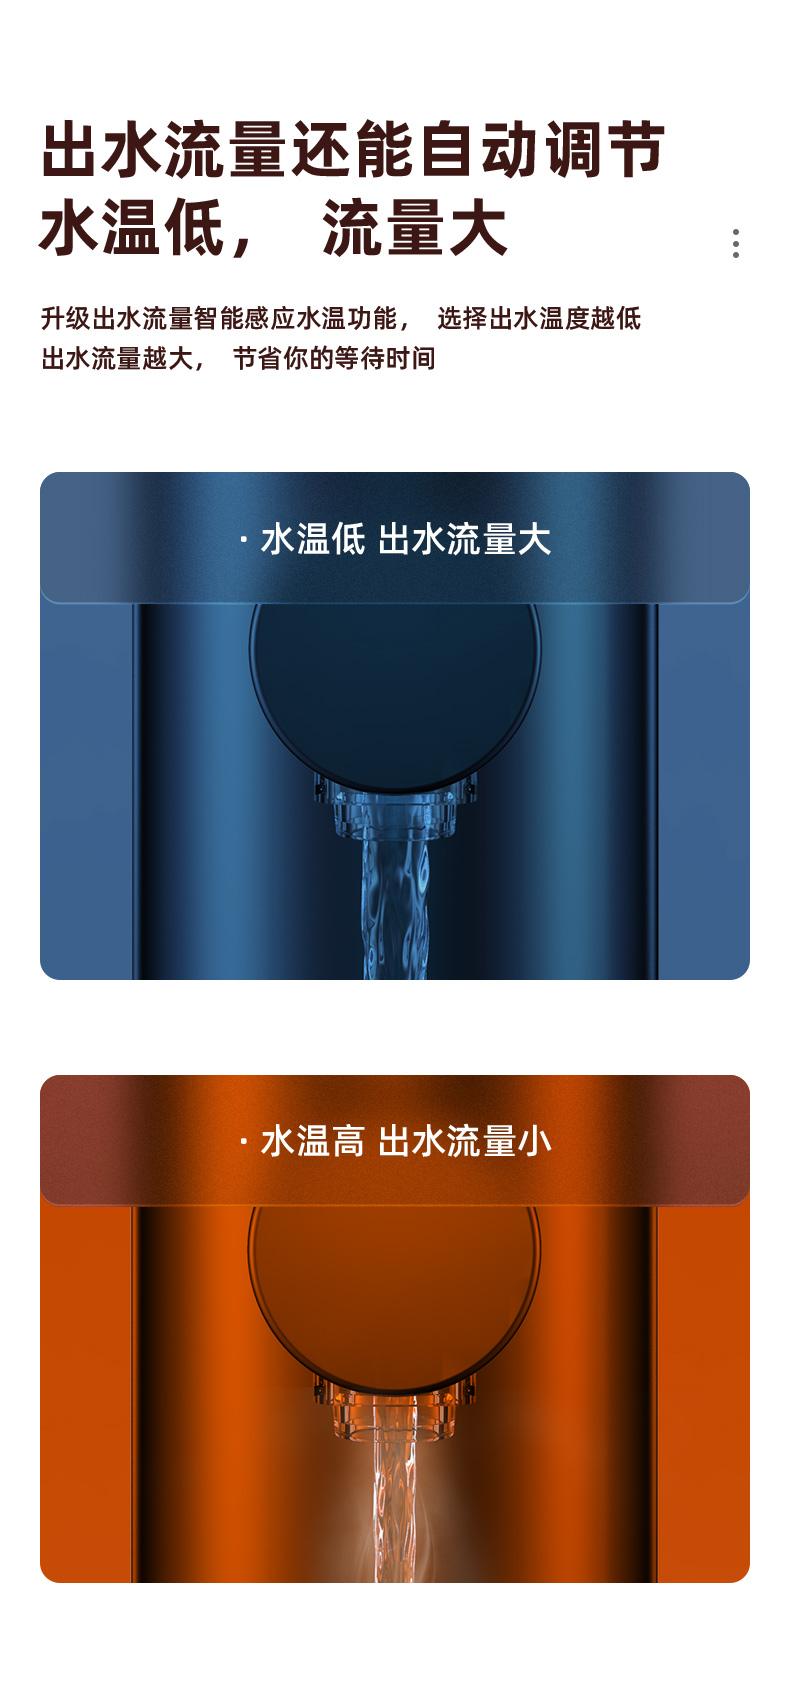 魔凡 MF809-A 全自动即热式饮水机 茶吧 图11